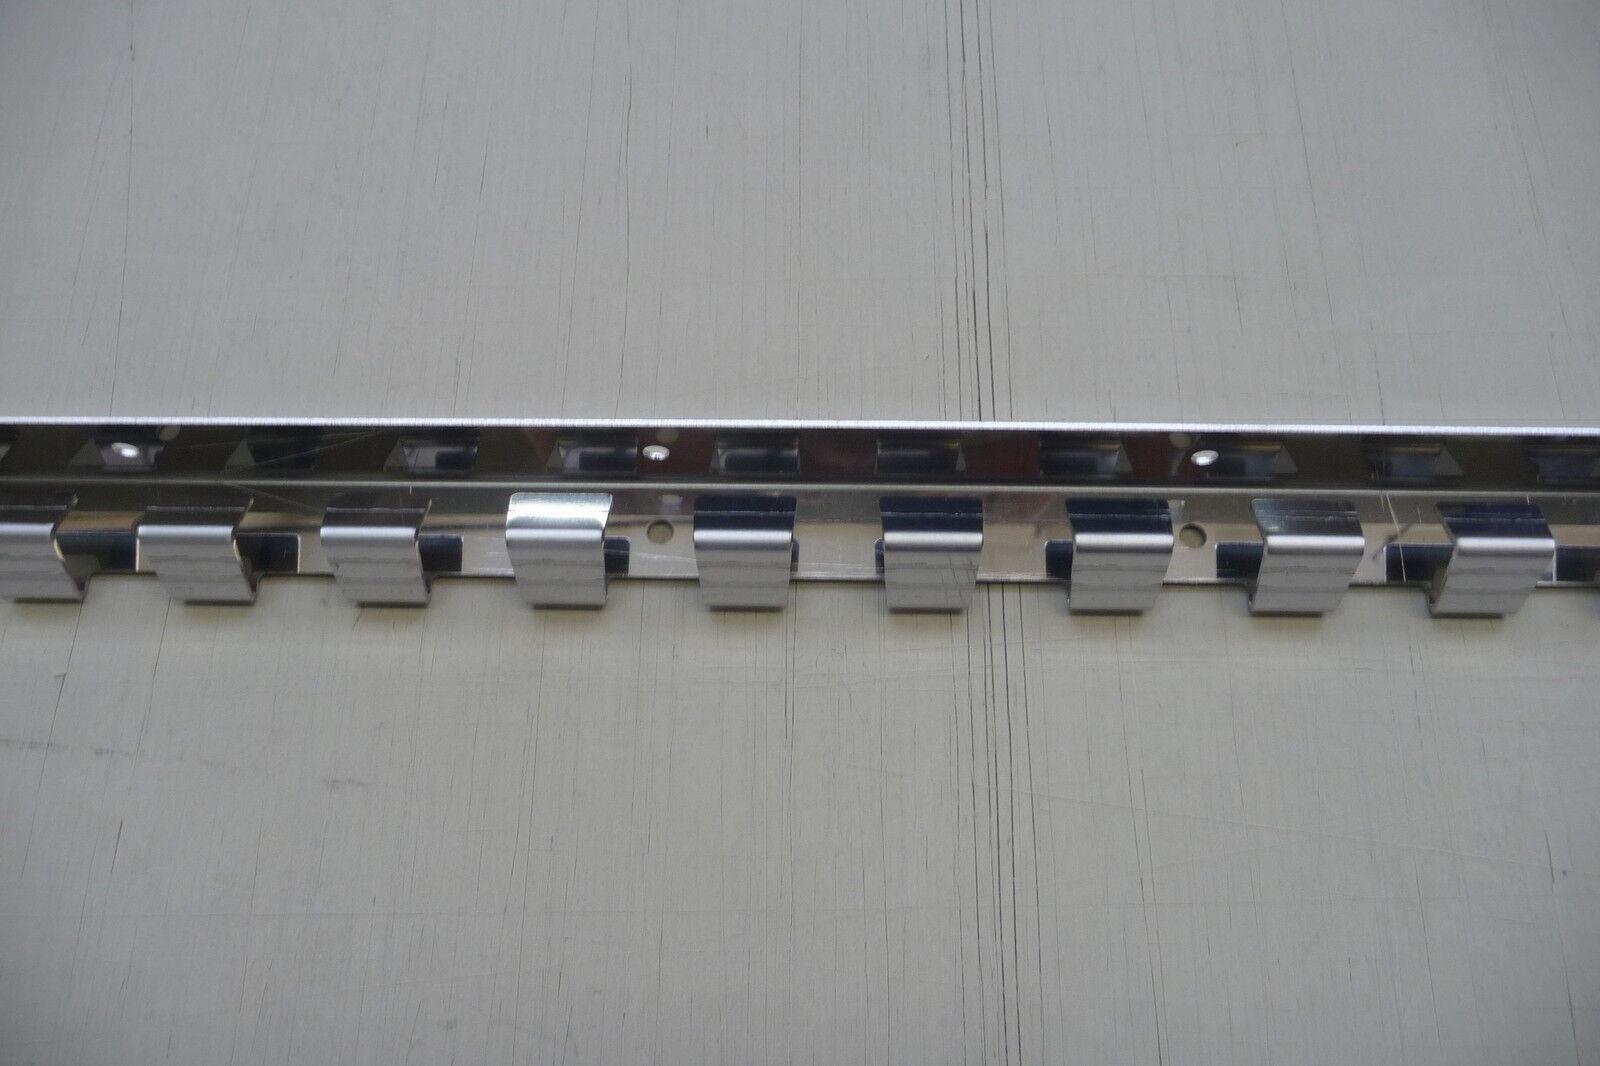 Bandes rideau pirater rail rail rail largeur: 985 MM ae1b93